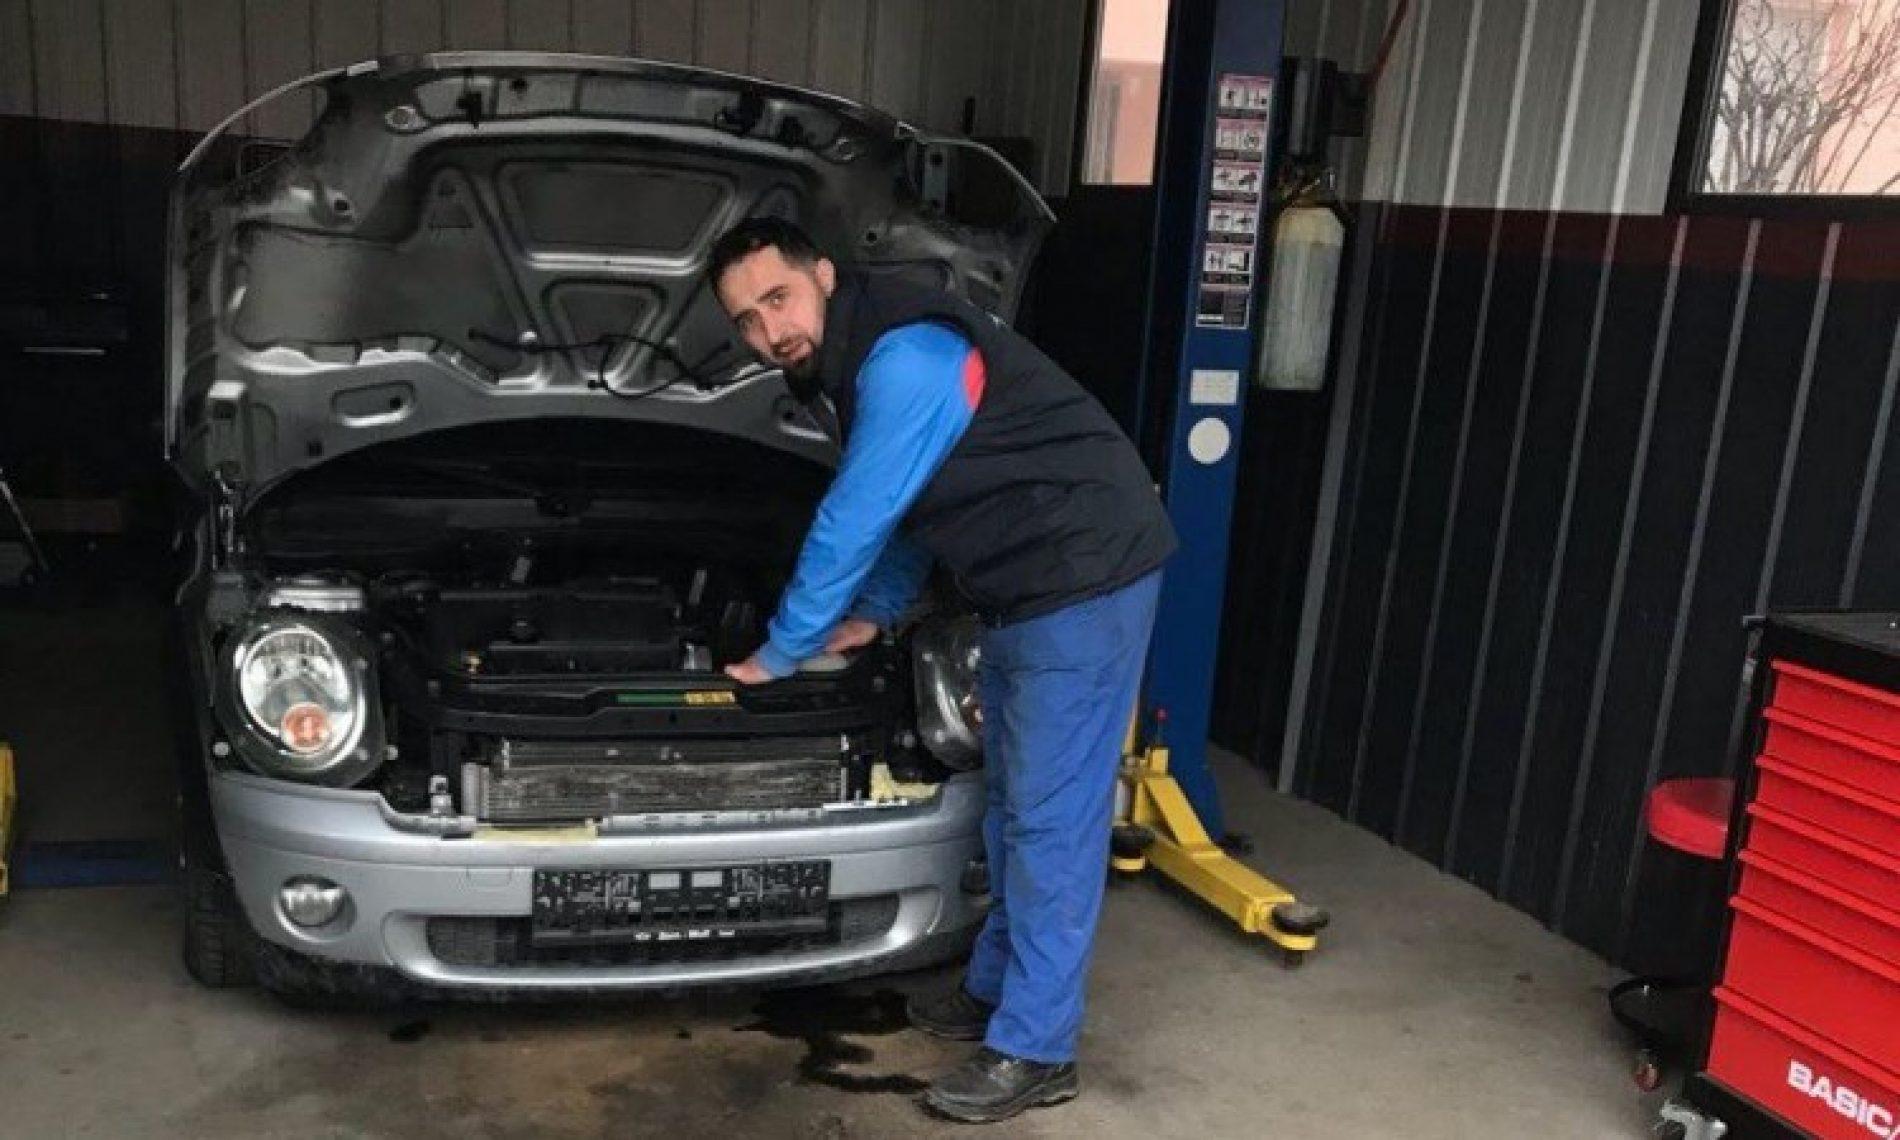 Upješna povratnička priča automehaničara Edina Ćosića iz Bijeljine